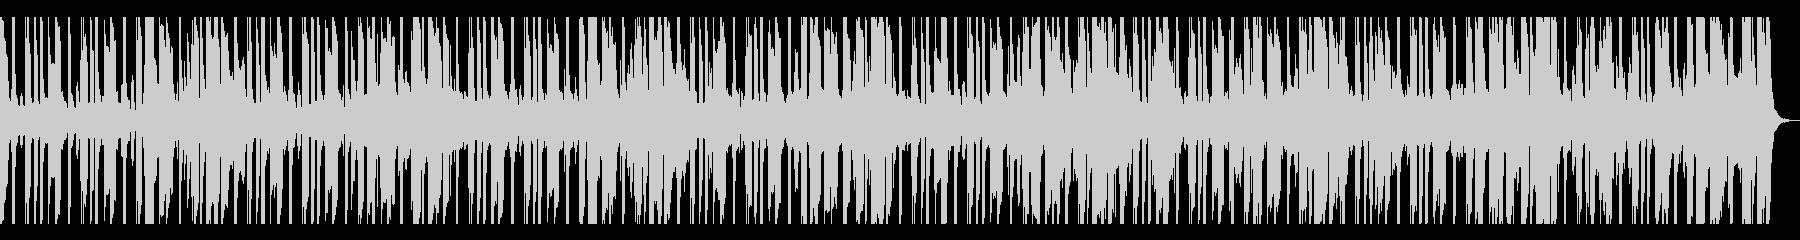 【短いVer10】スローファンクロックの未再生の波形